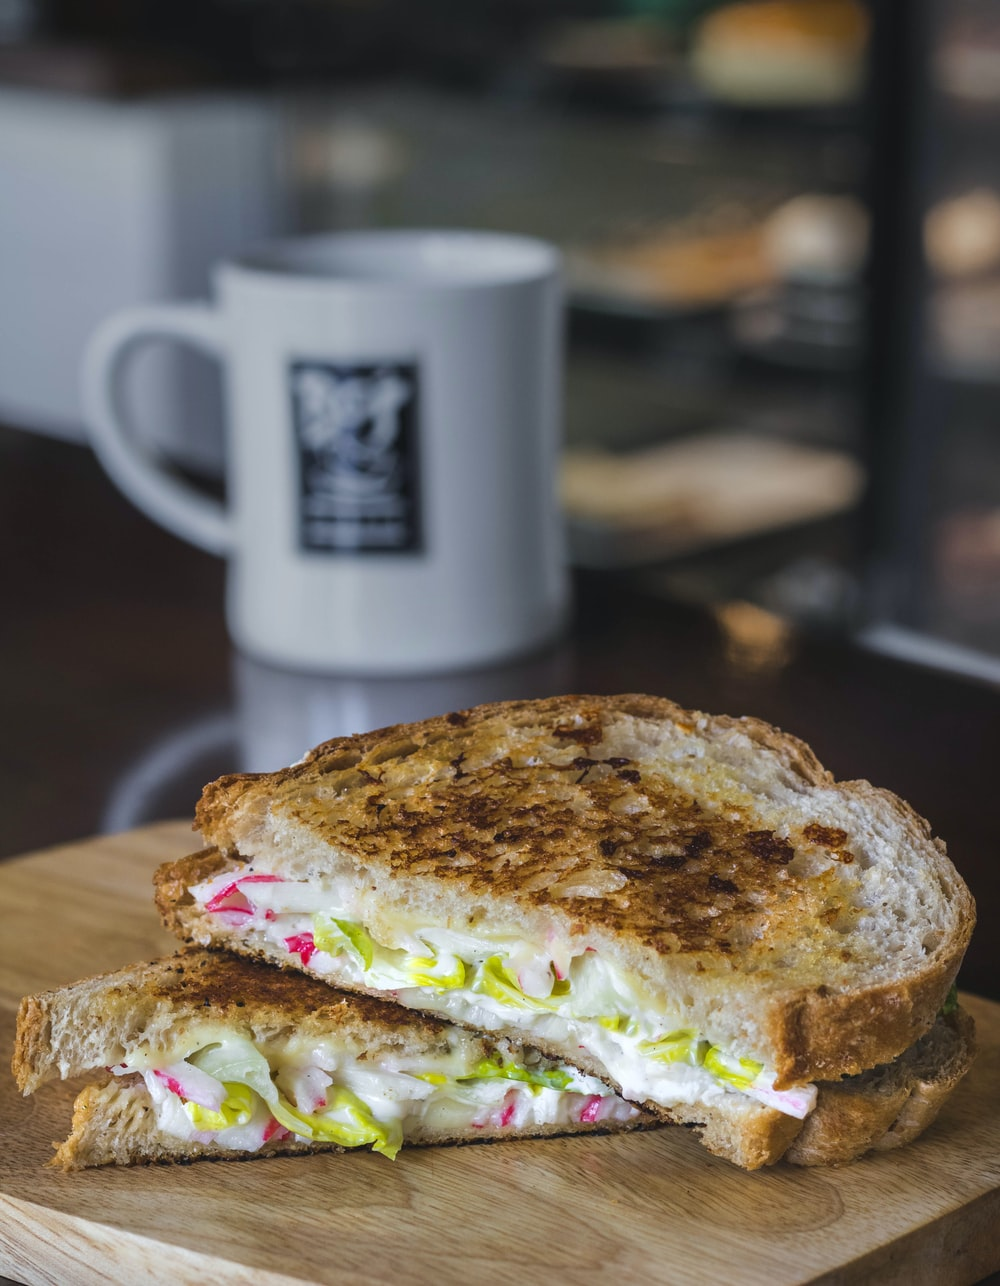 sandwich on brown board